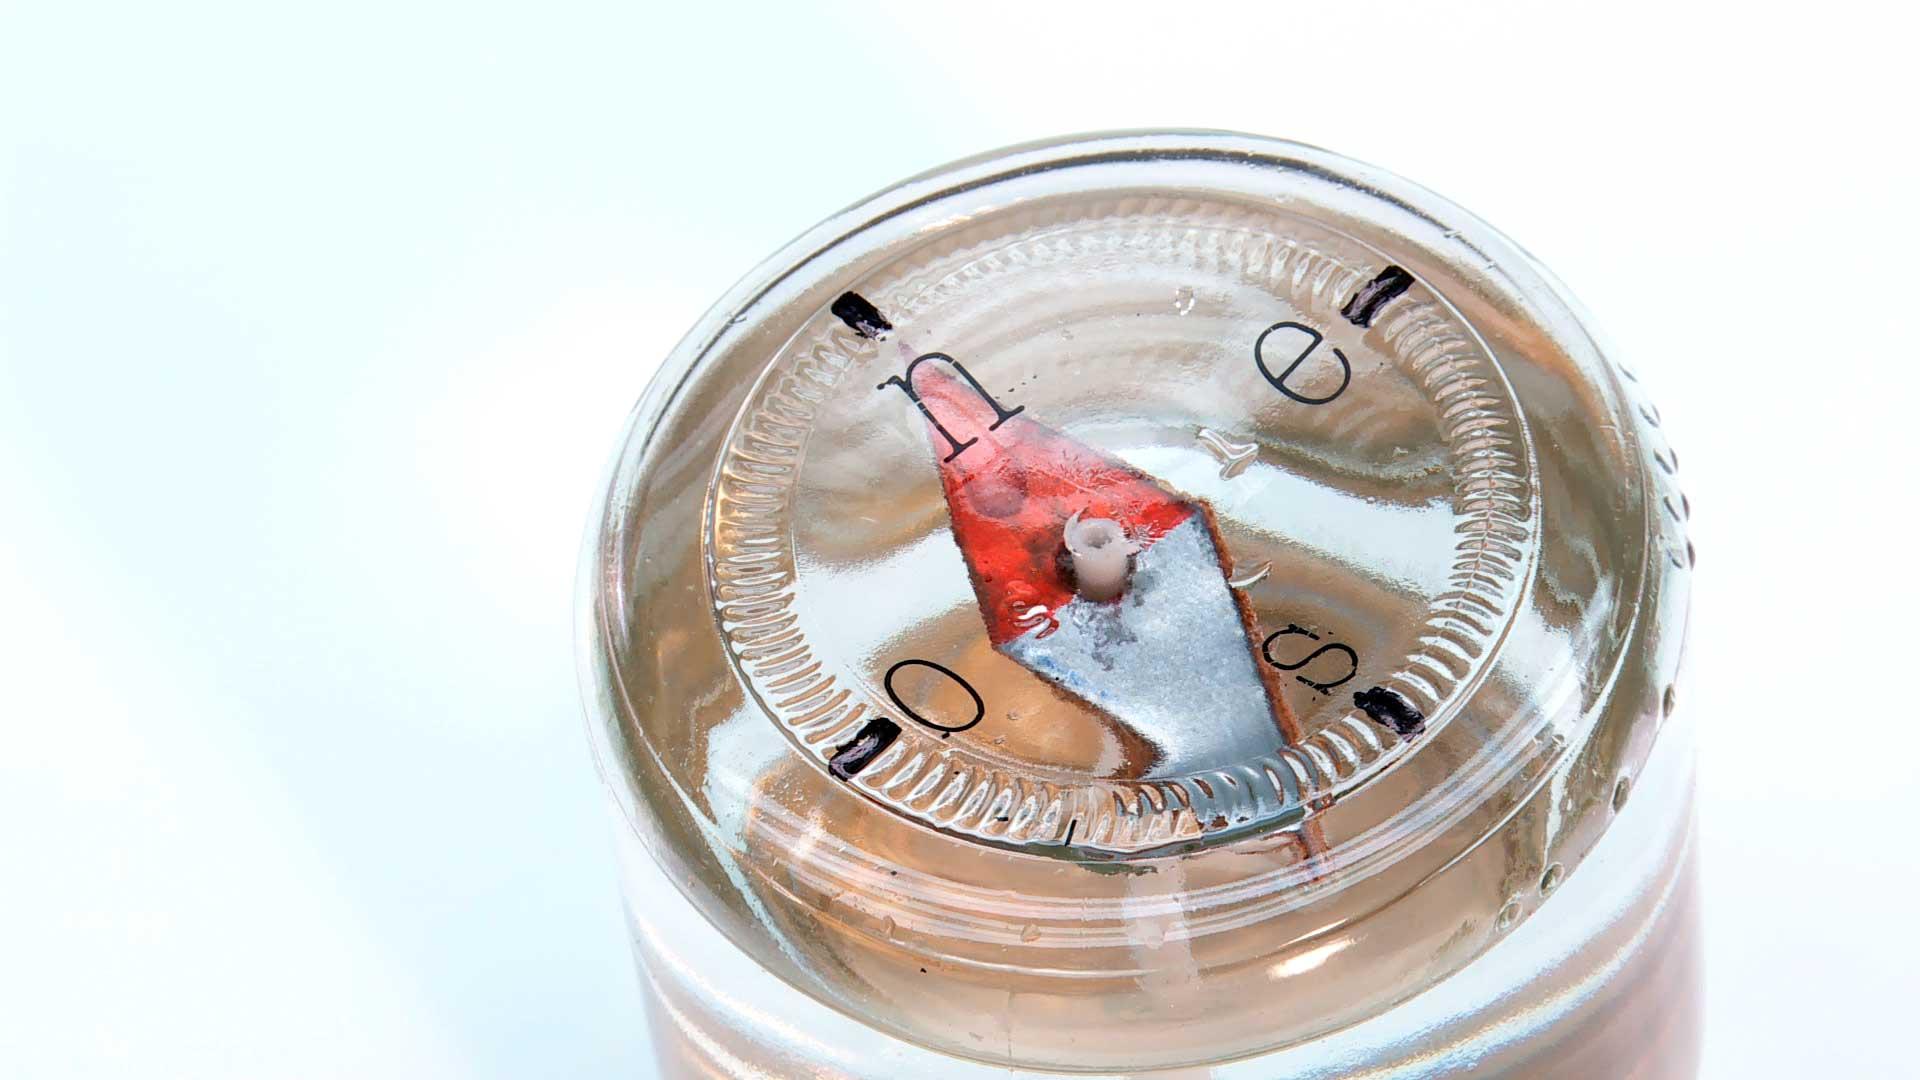 En este proyecto enseñamos a hacer una brújula, utilizando elemento muy simples, que podemos tener fácilmente en la casa. La brújula que haremos funciona dentro de un frasco con agua el cual se pone al revés. El agua le permite flotar aislado de cualquier otra superficie que pudiera desimantarla.